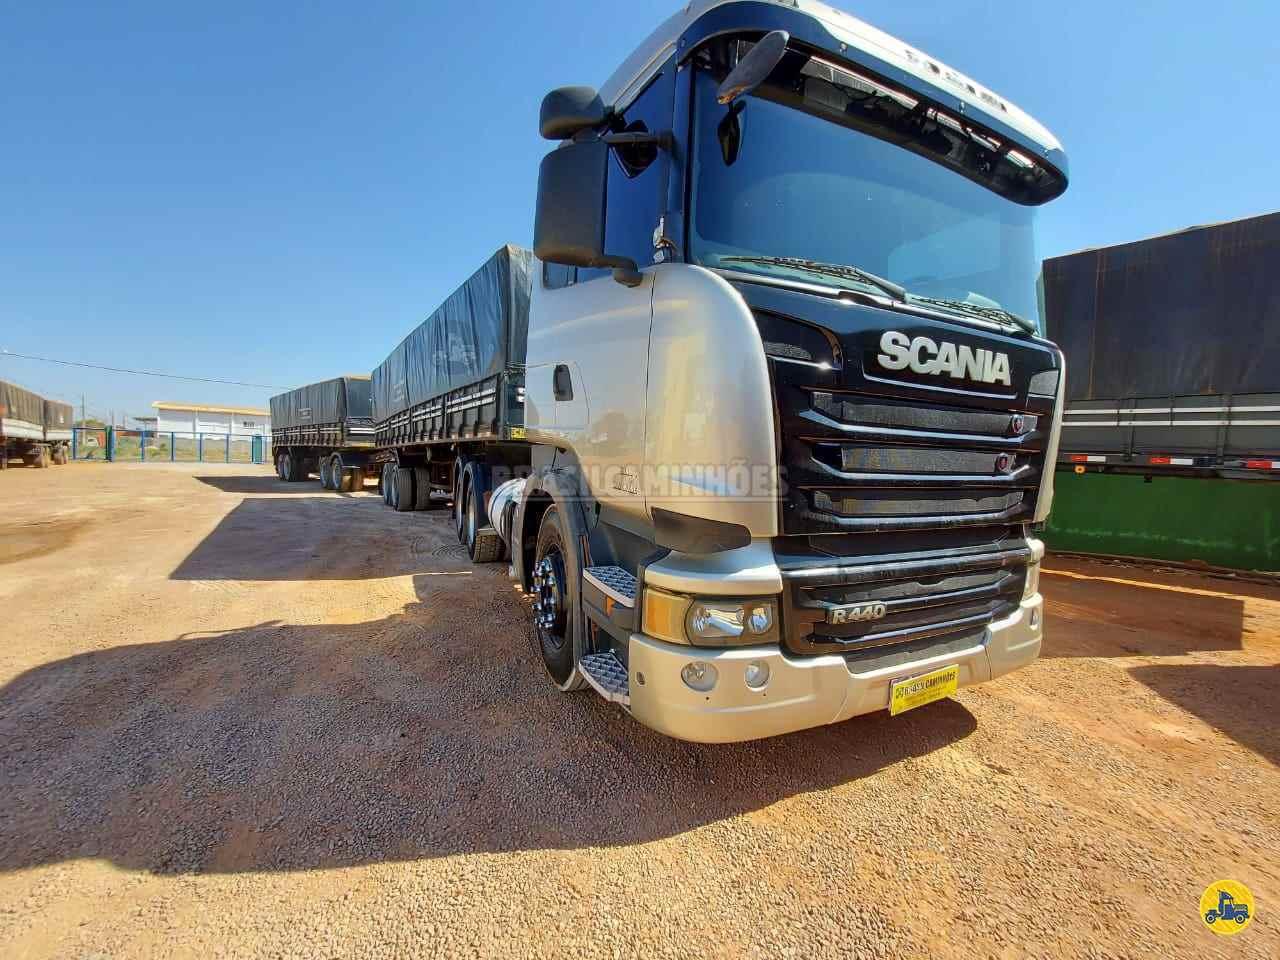 CAMINHAO SCANIA SCANIA 440 Graneleiro Traçado 6x4 Brasil Caminhões Sinop SINOP MATO GROSSO MT